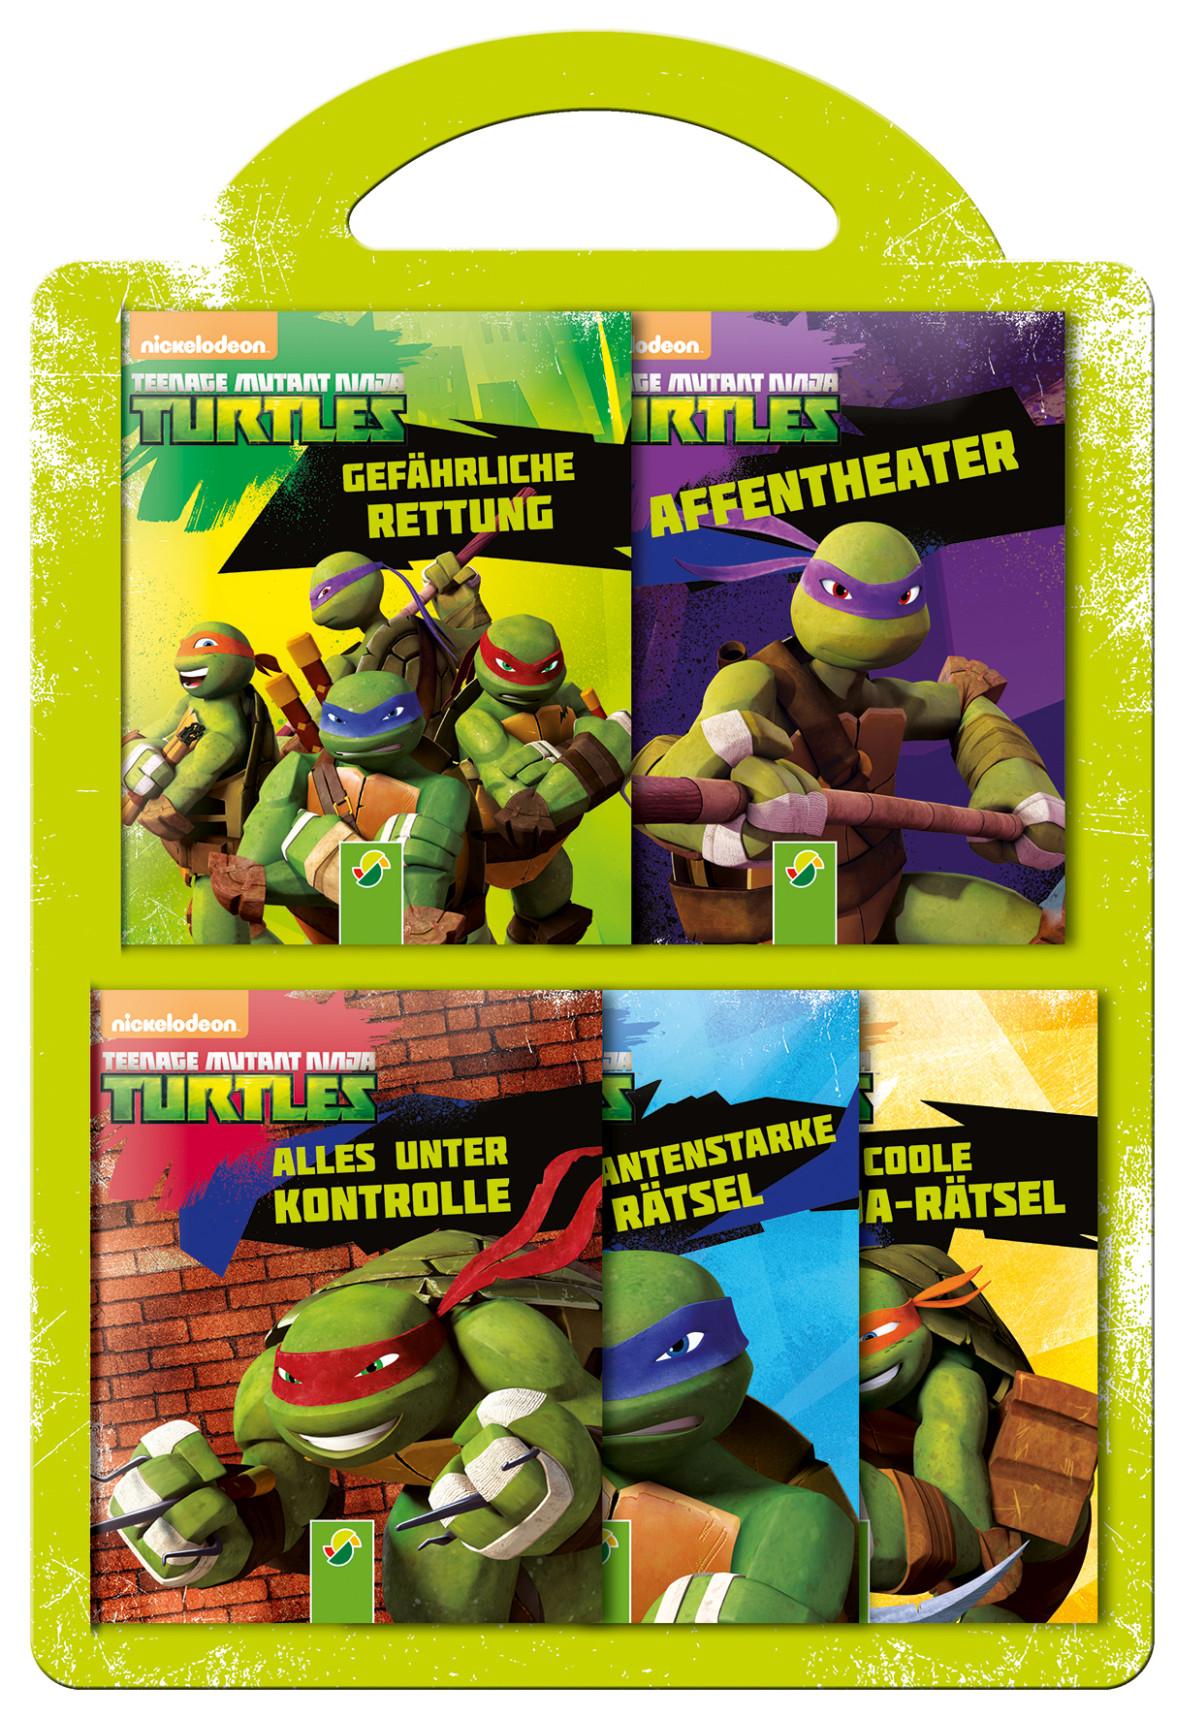 Ungewöhnlich Ninja Turtle Malbuch Ideen - Malvorlagen-Ideen ...